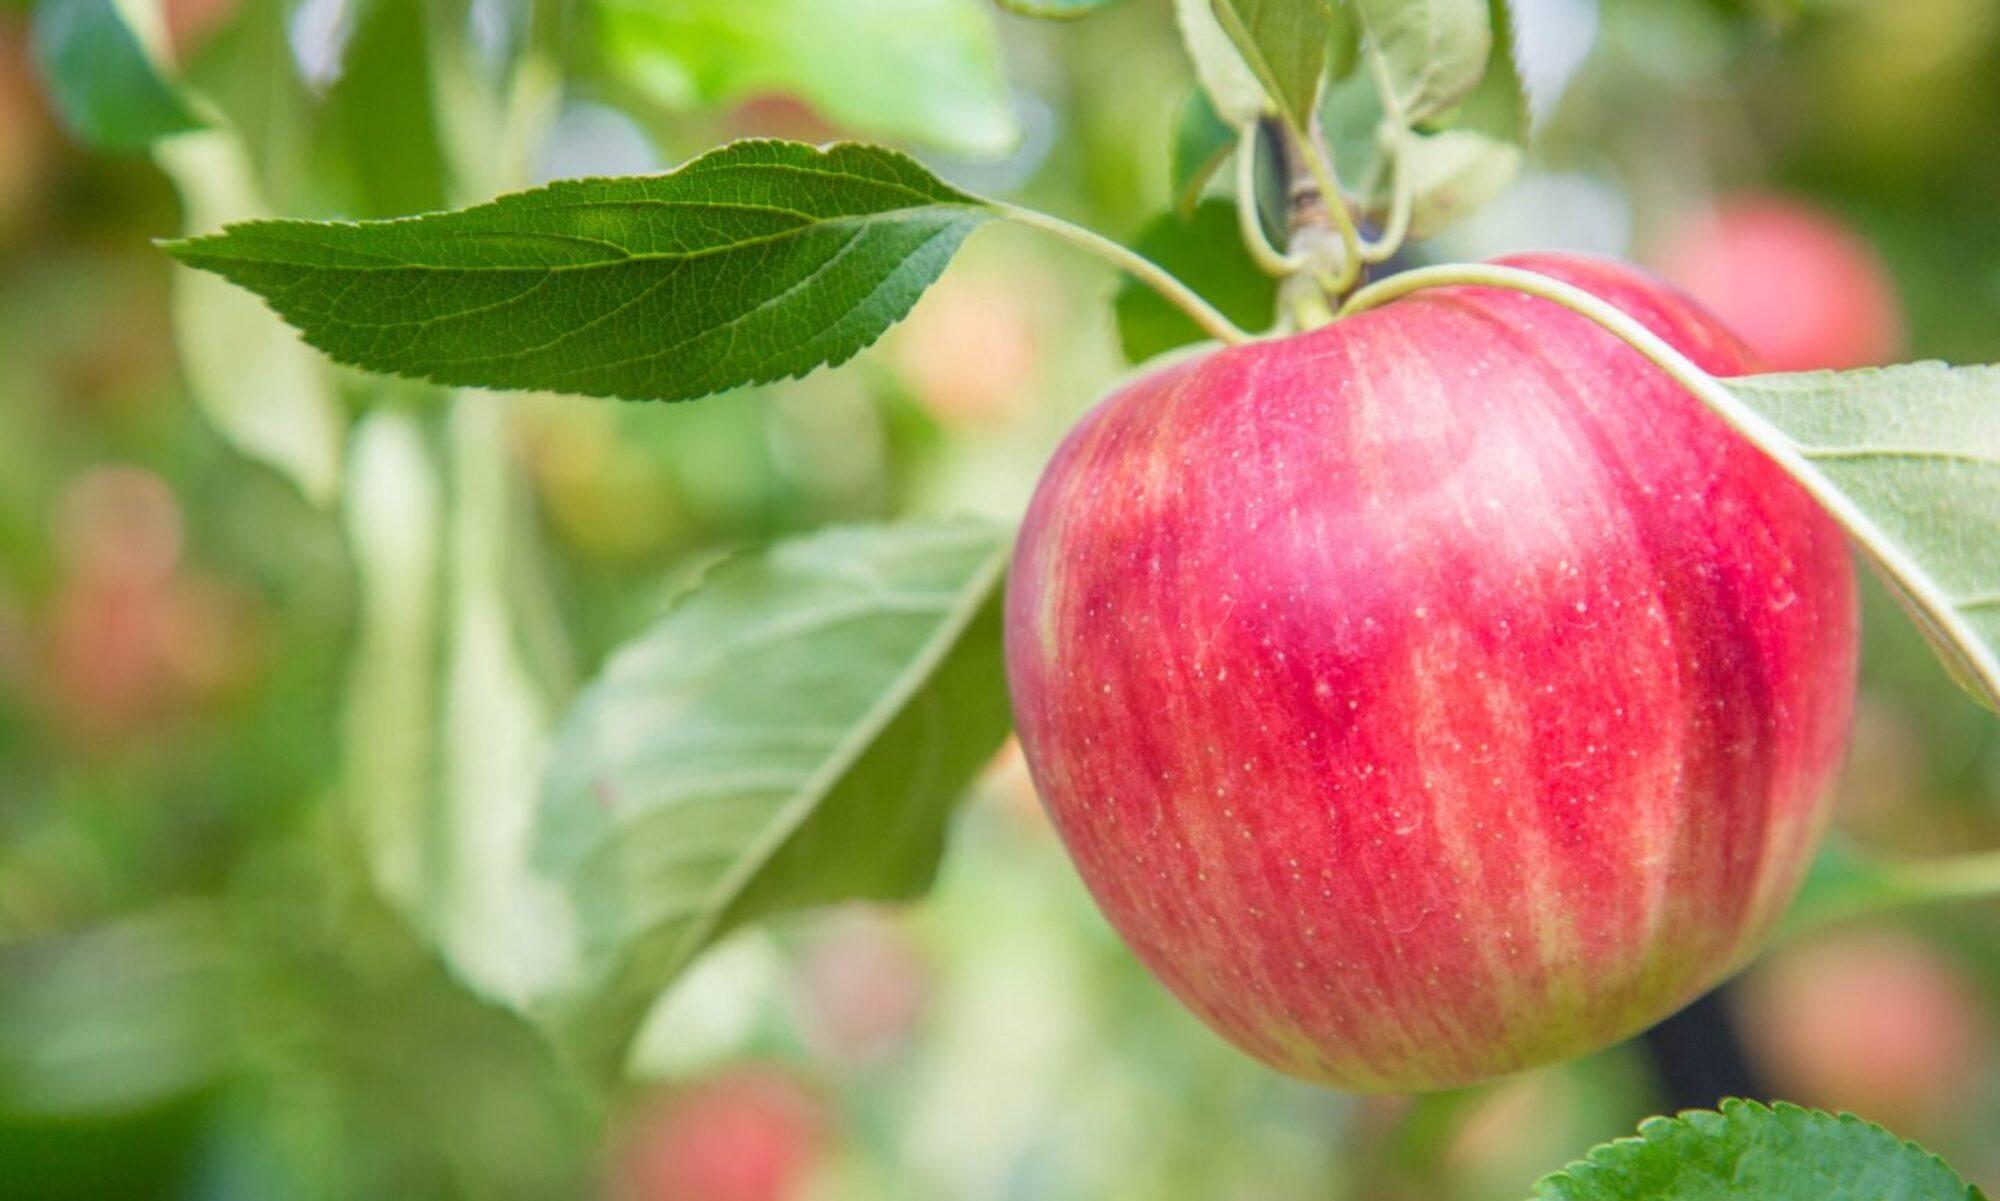 園 徳佐 りんご 大庭りんご園|山口県徳佐りんご園